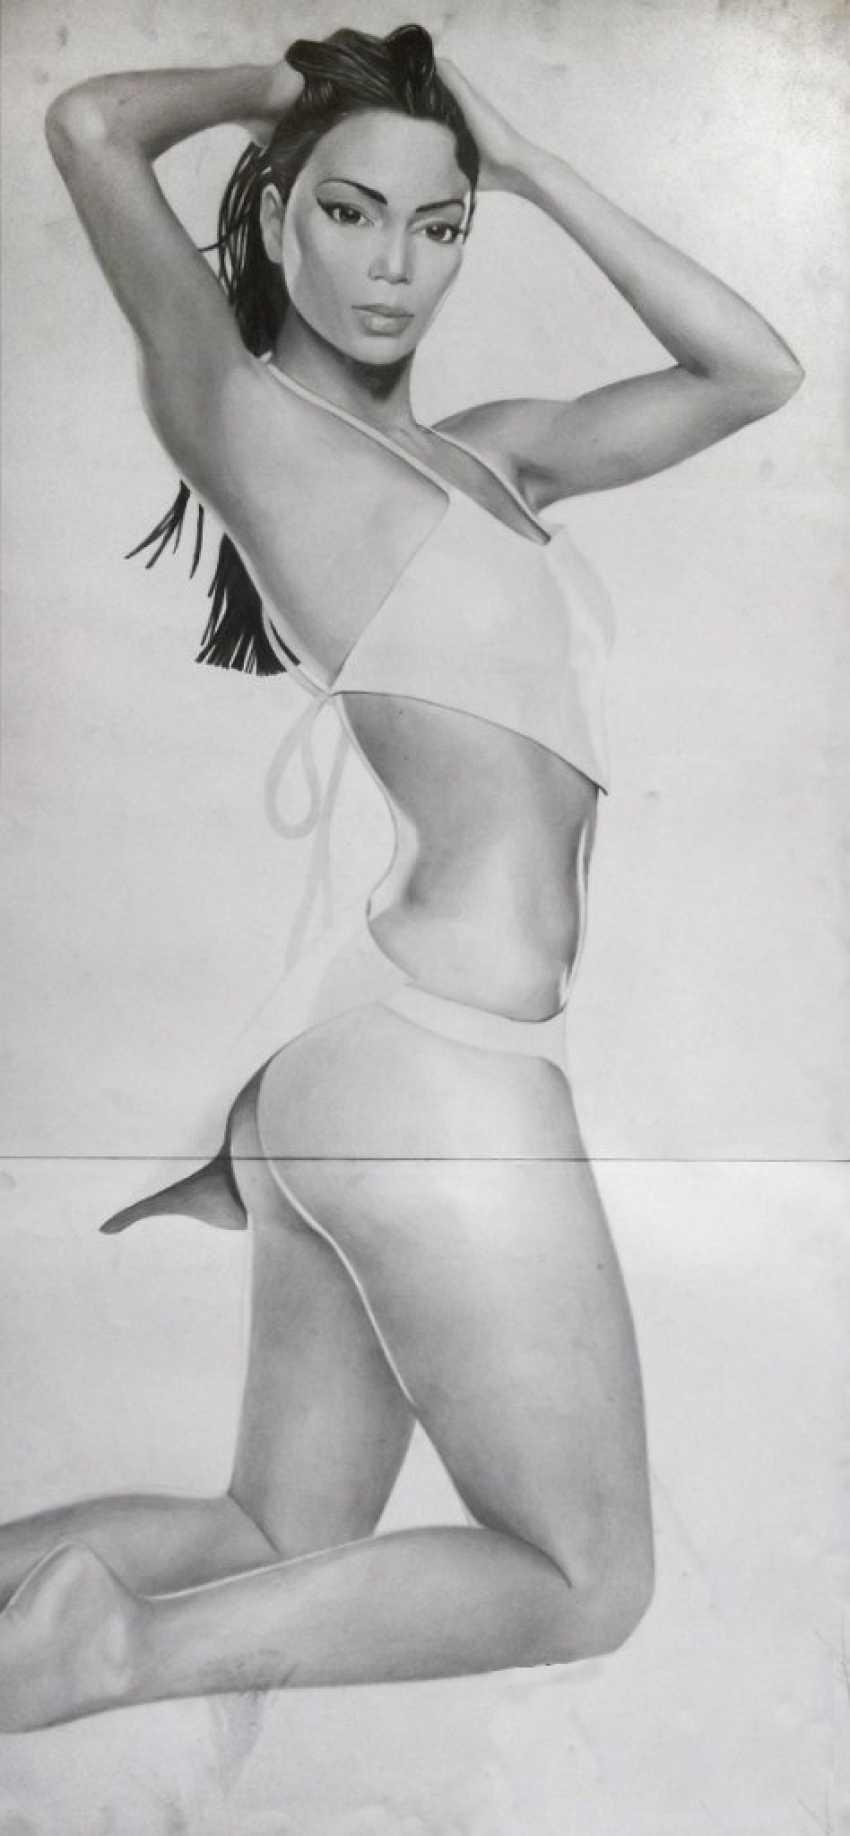 Айдос Маканов. модель №1 - фото 1